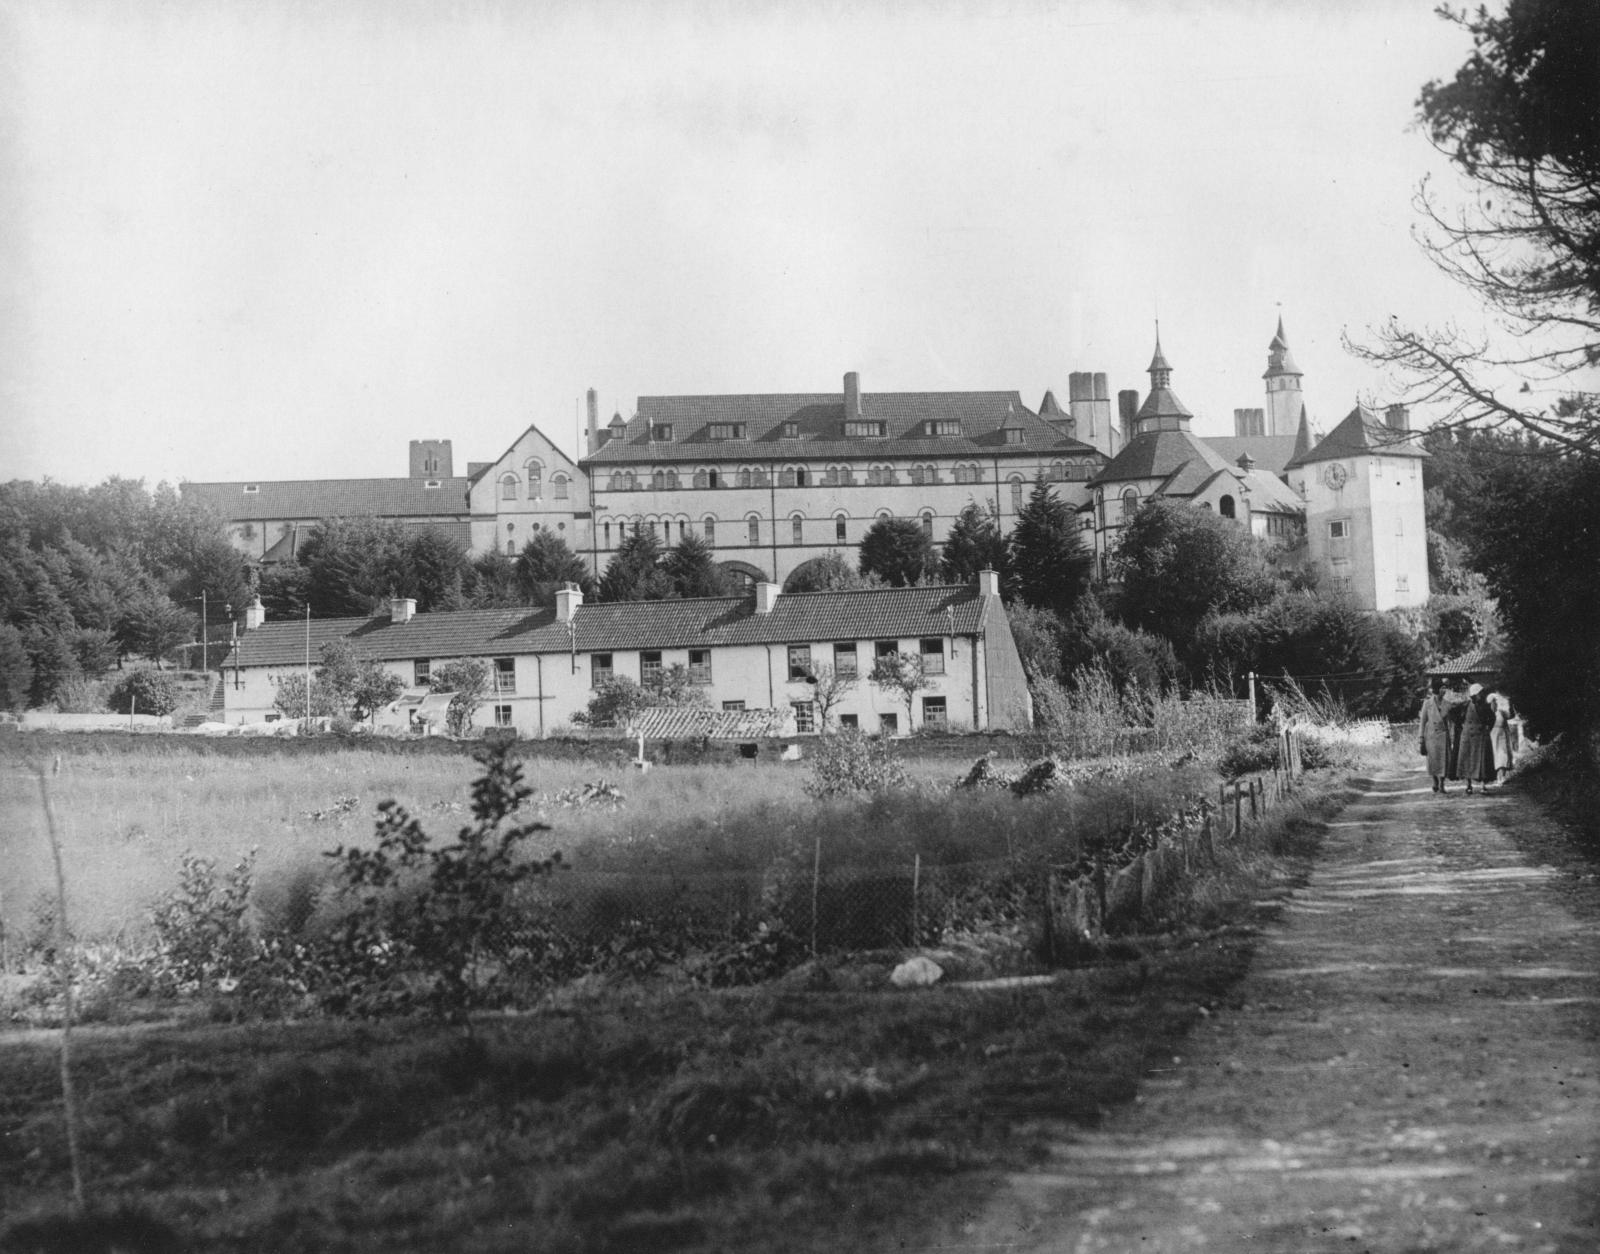 Caldey island monastery